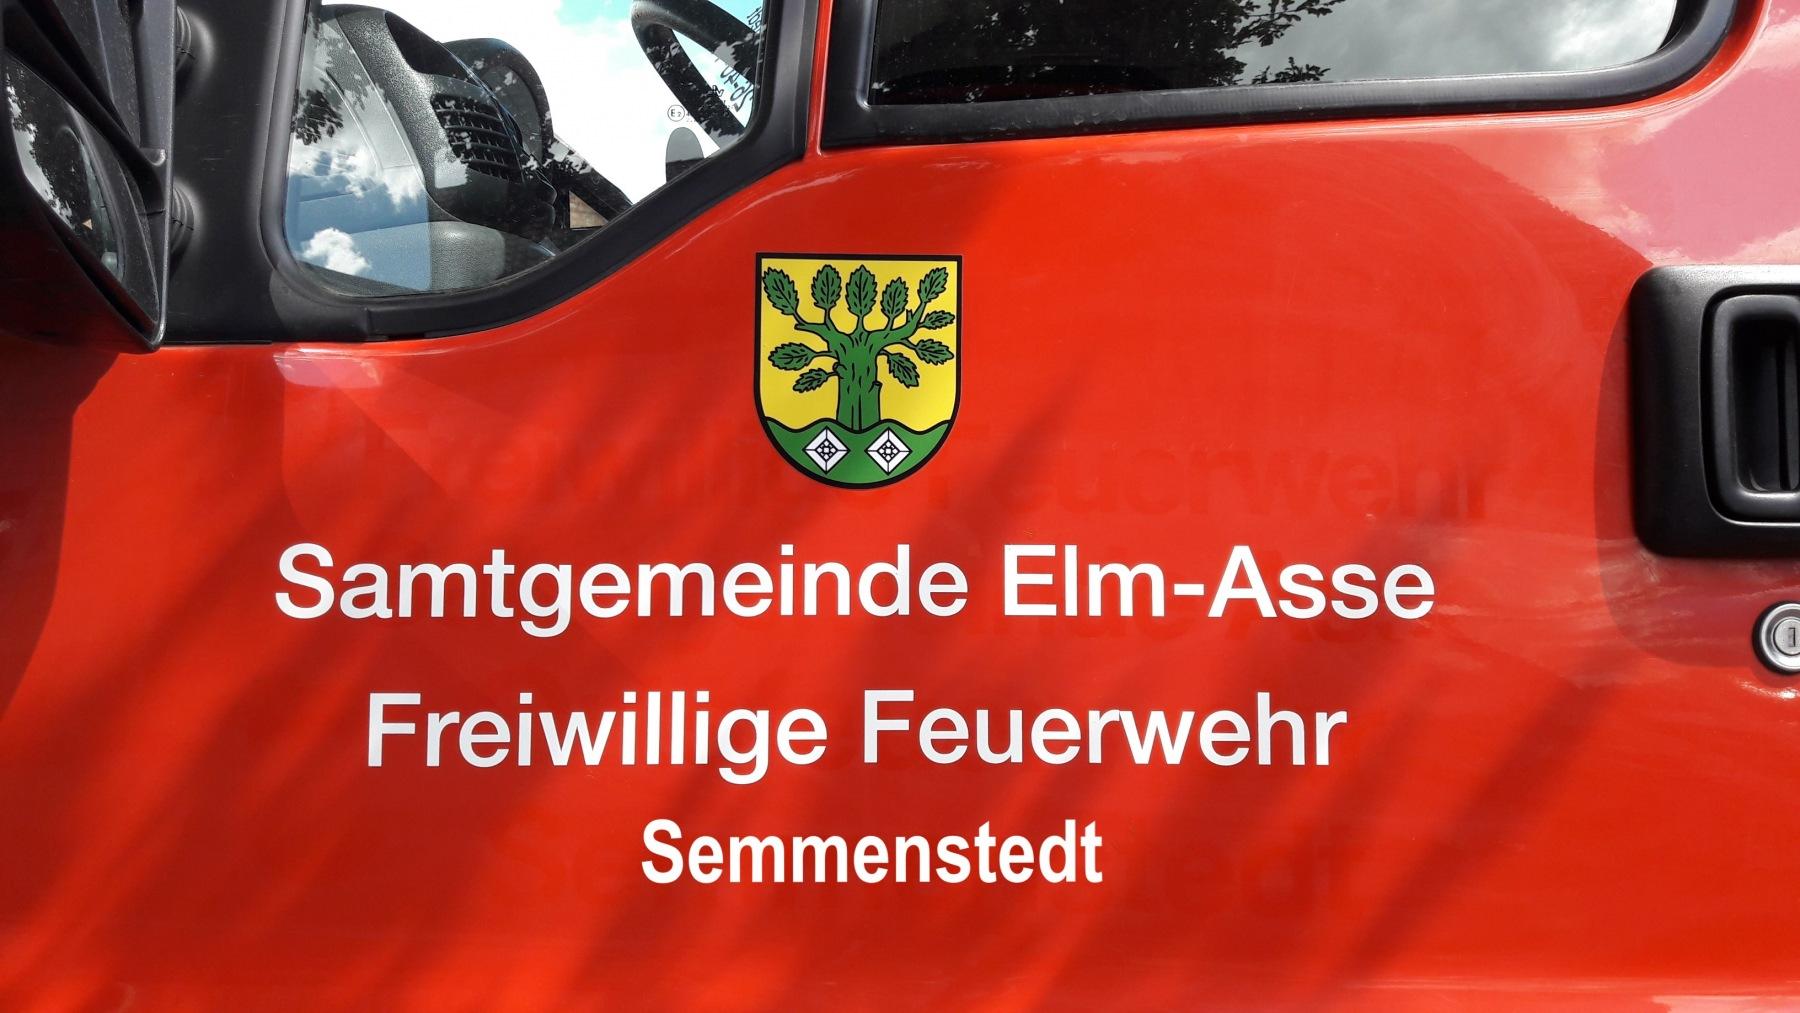 20200711_1157201-FFW-Semmenstedt